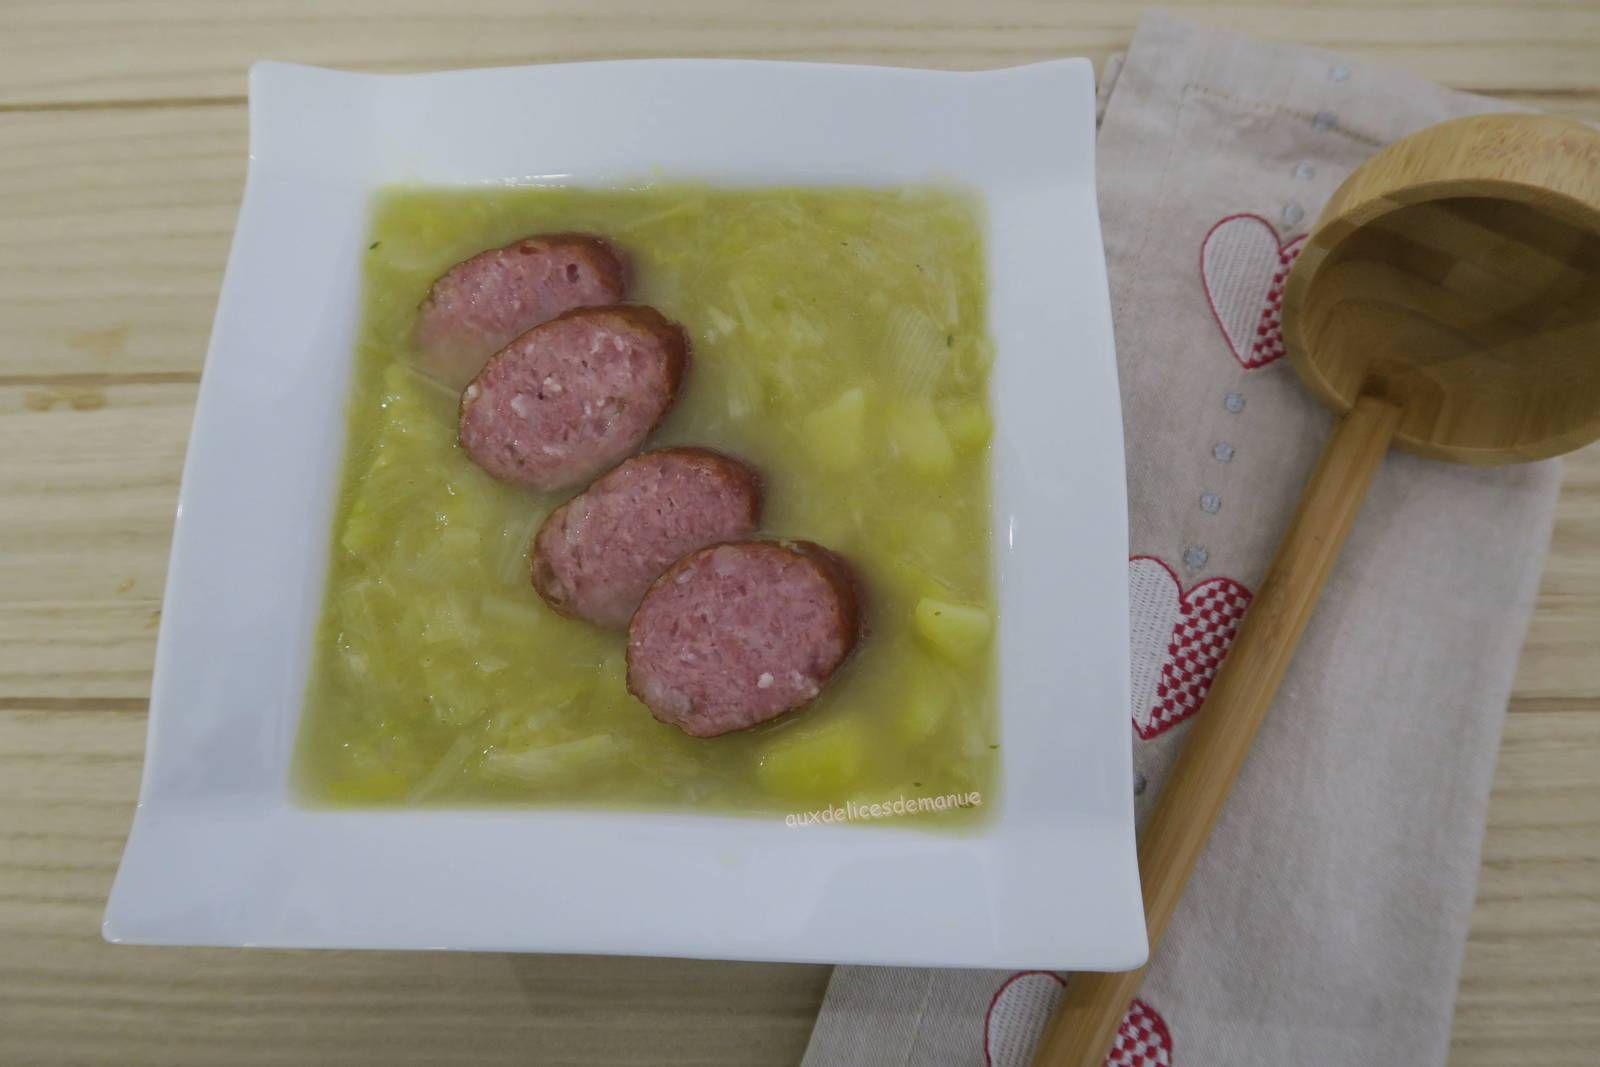 soupe,poireau,pomme de terre,saucisse,Montbéliard,Jura,M. Cuisine,comté